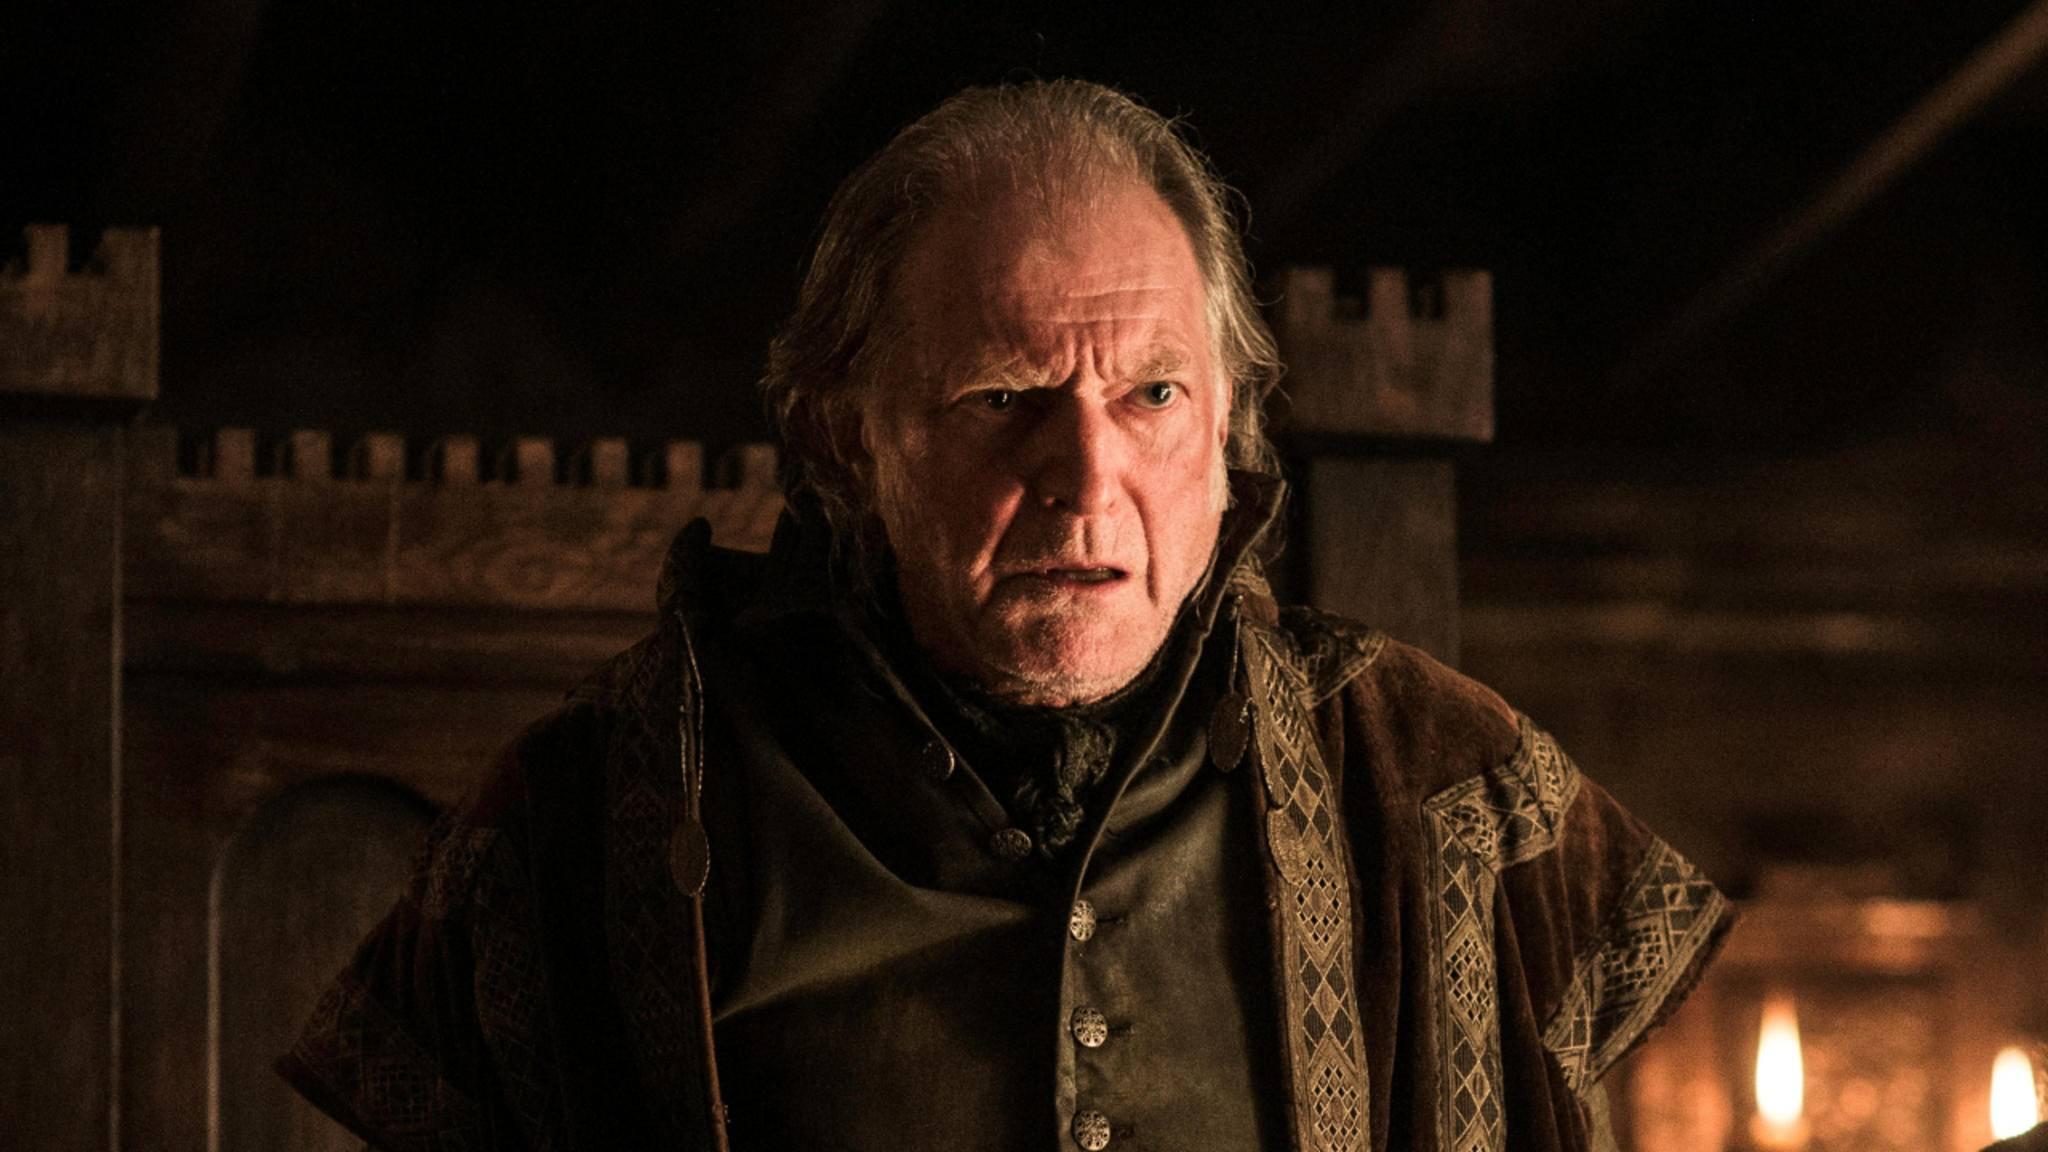 """Walder Frey ist einer der fiesesten Charaktere in """"Game of Thrones""""."""